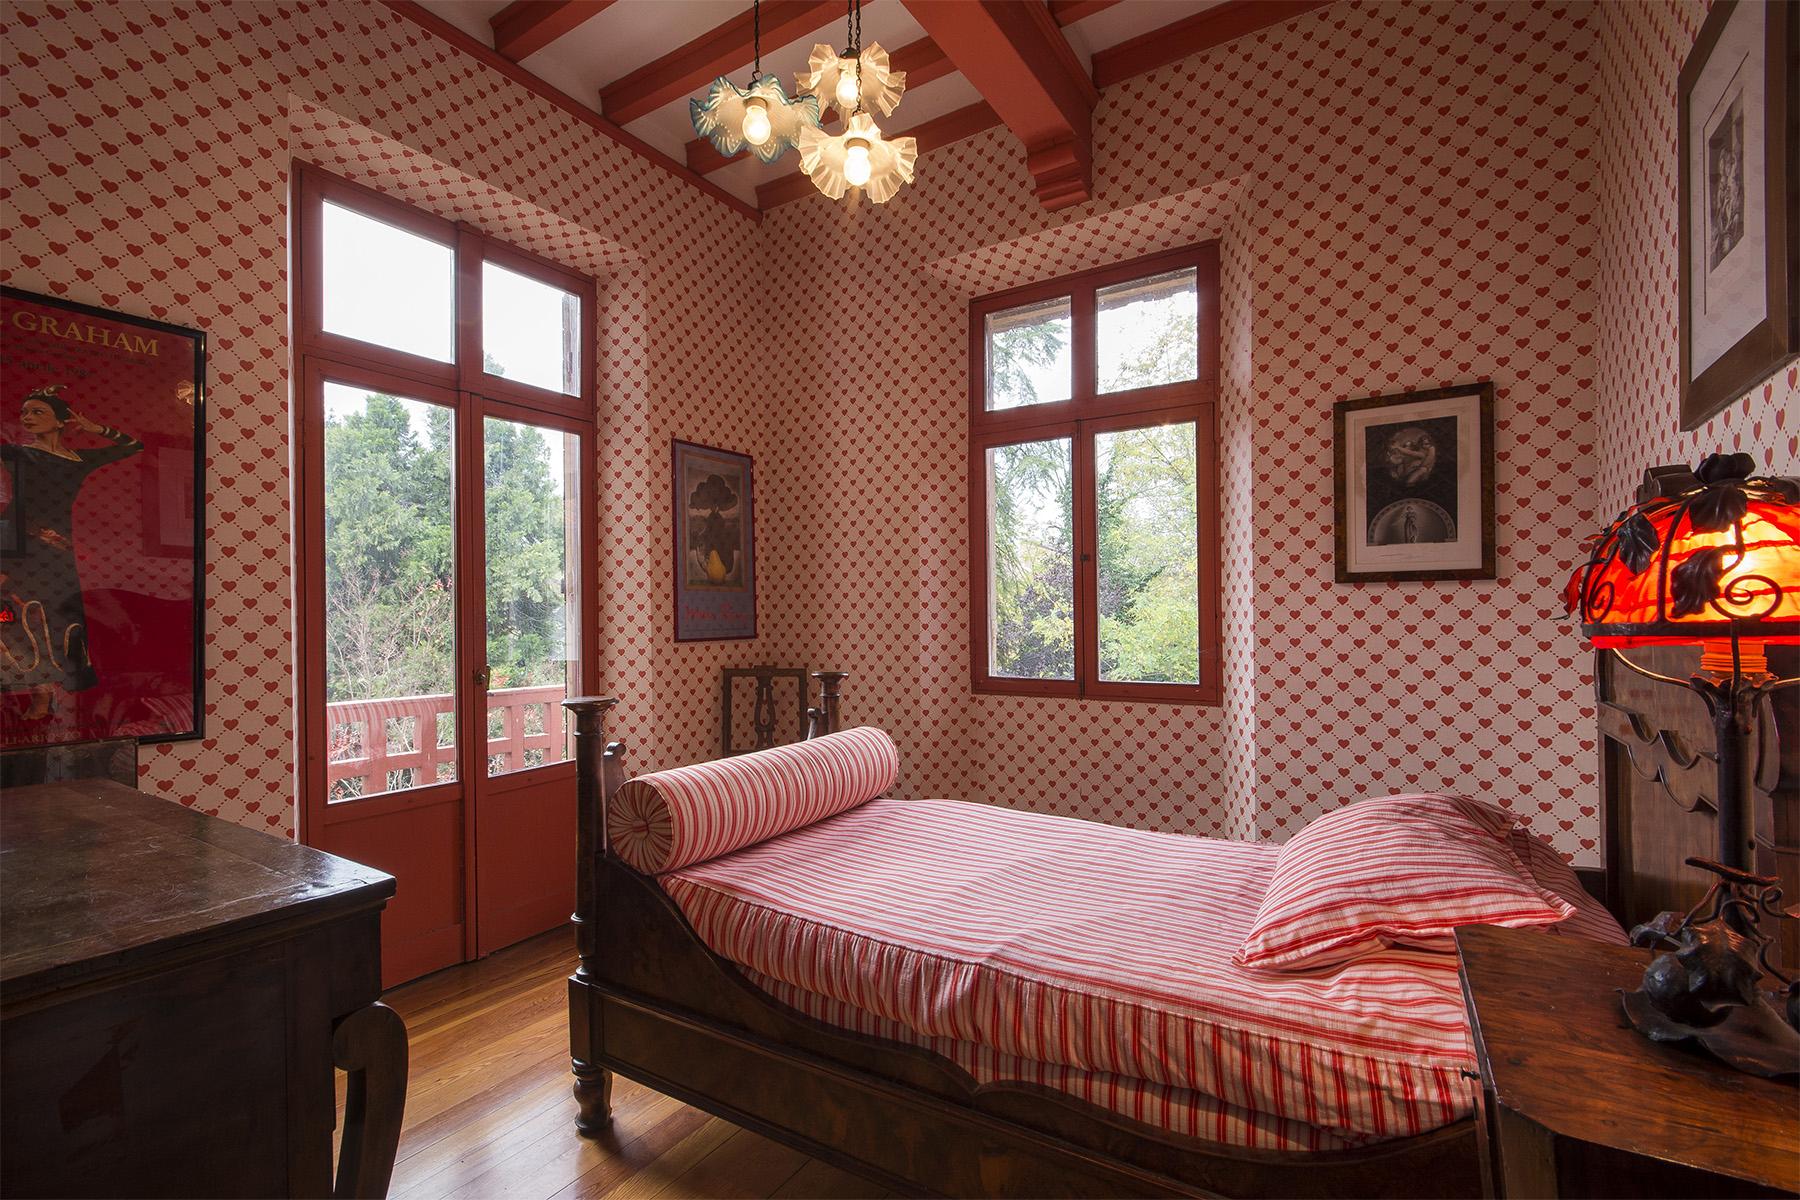 Casa indipendente in Vendita a Traversetolo: 5 locali, 350 mq - Foto 9